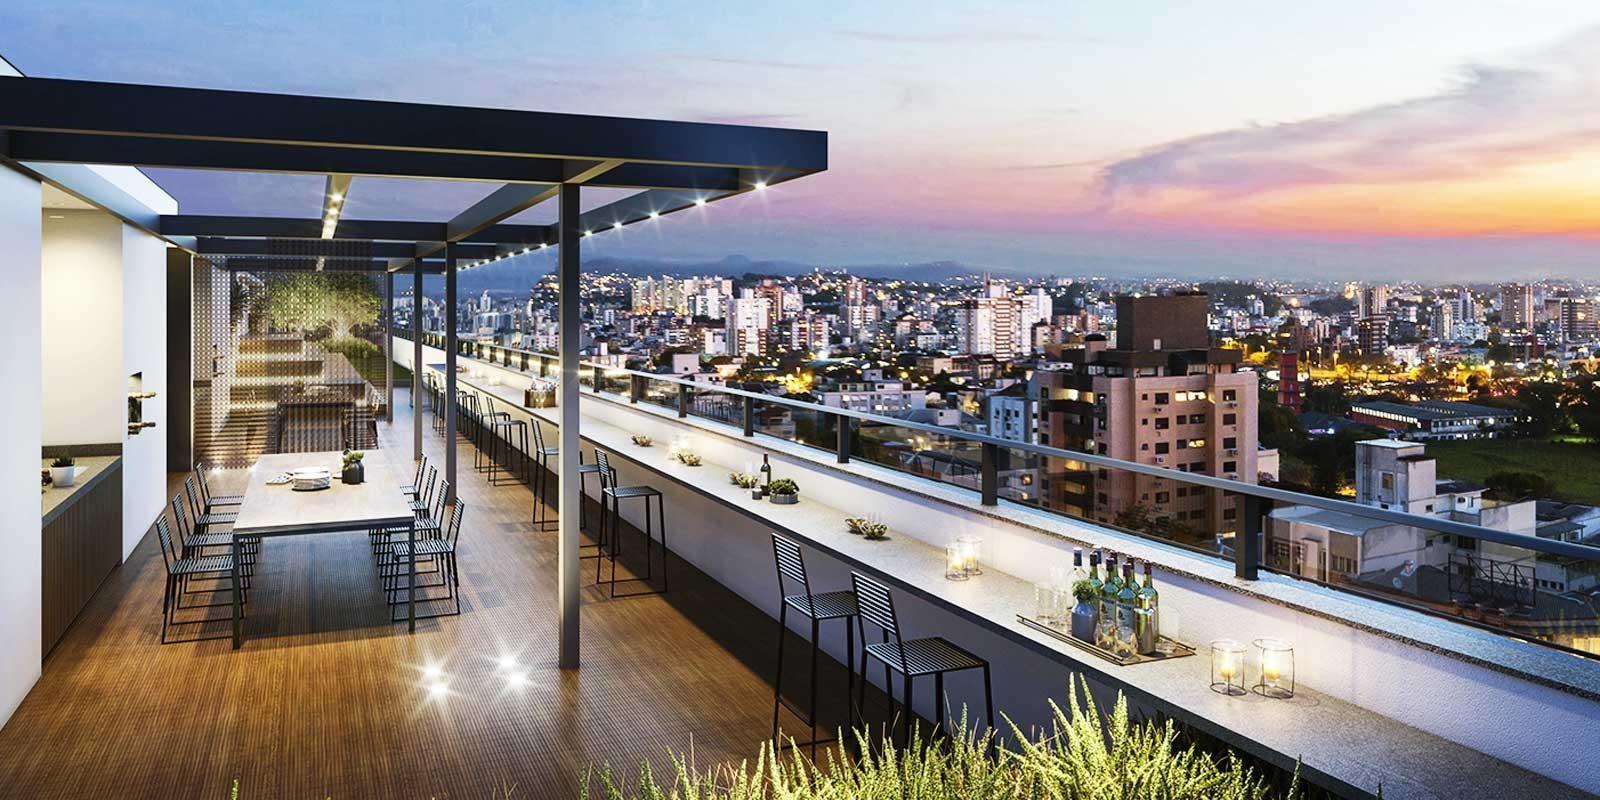 TPS Imóveis - Veja Foto 4 de 19 do Apartamento Bairro Rio Branco Porto Alegre